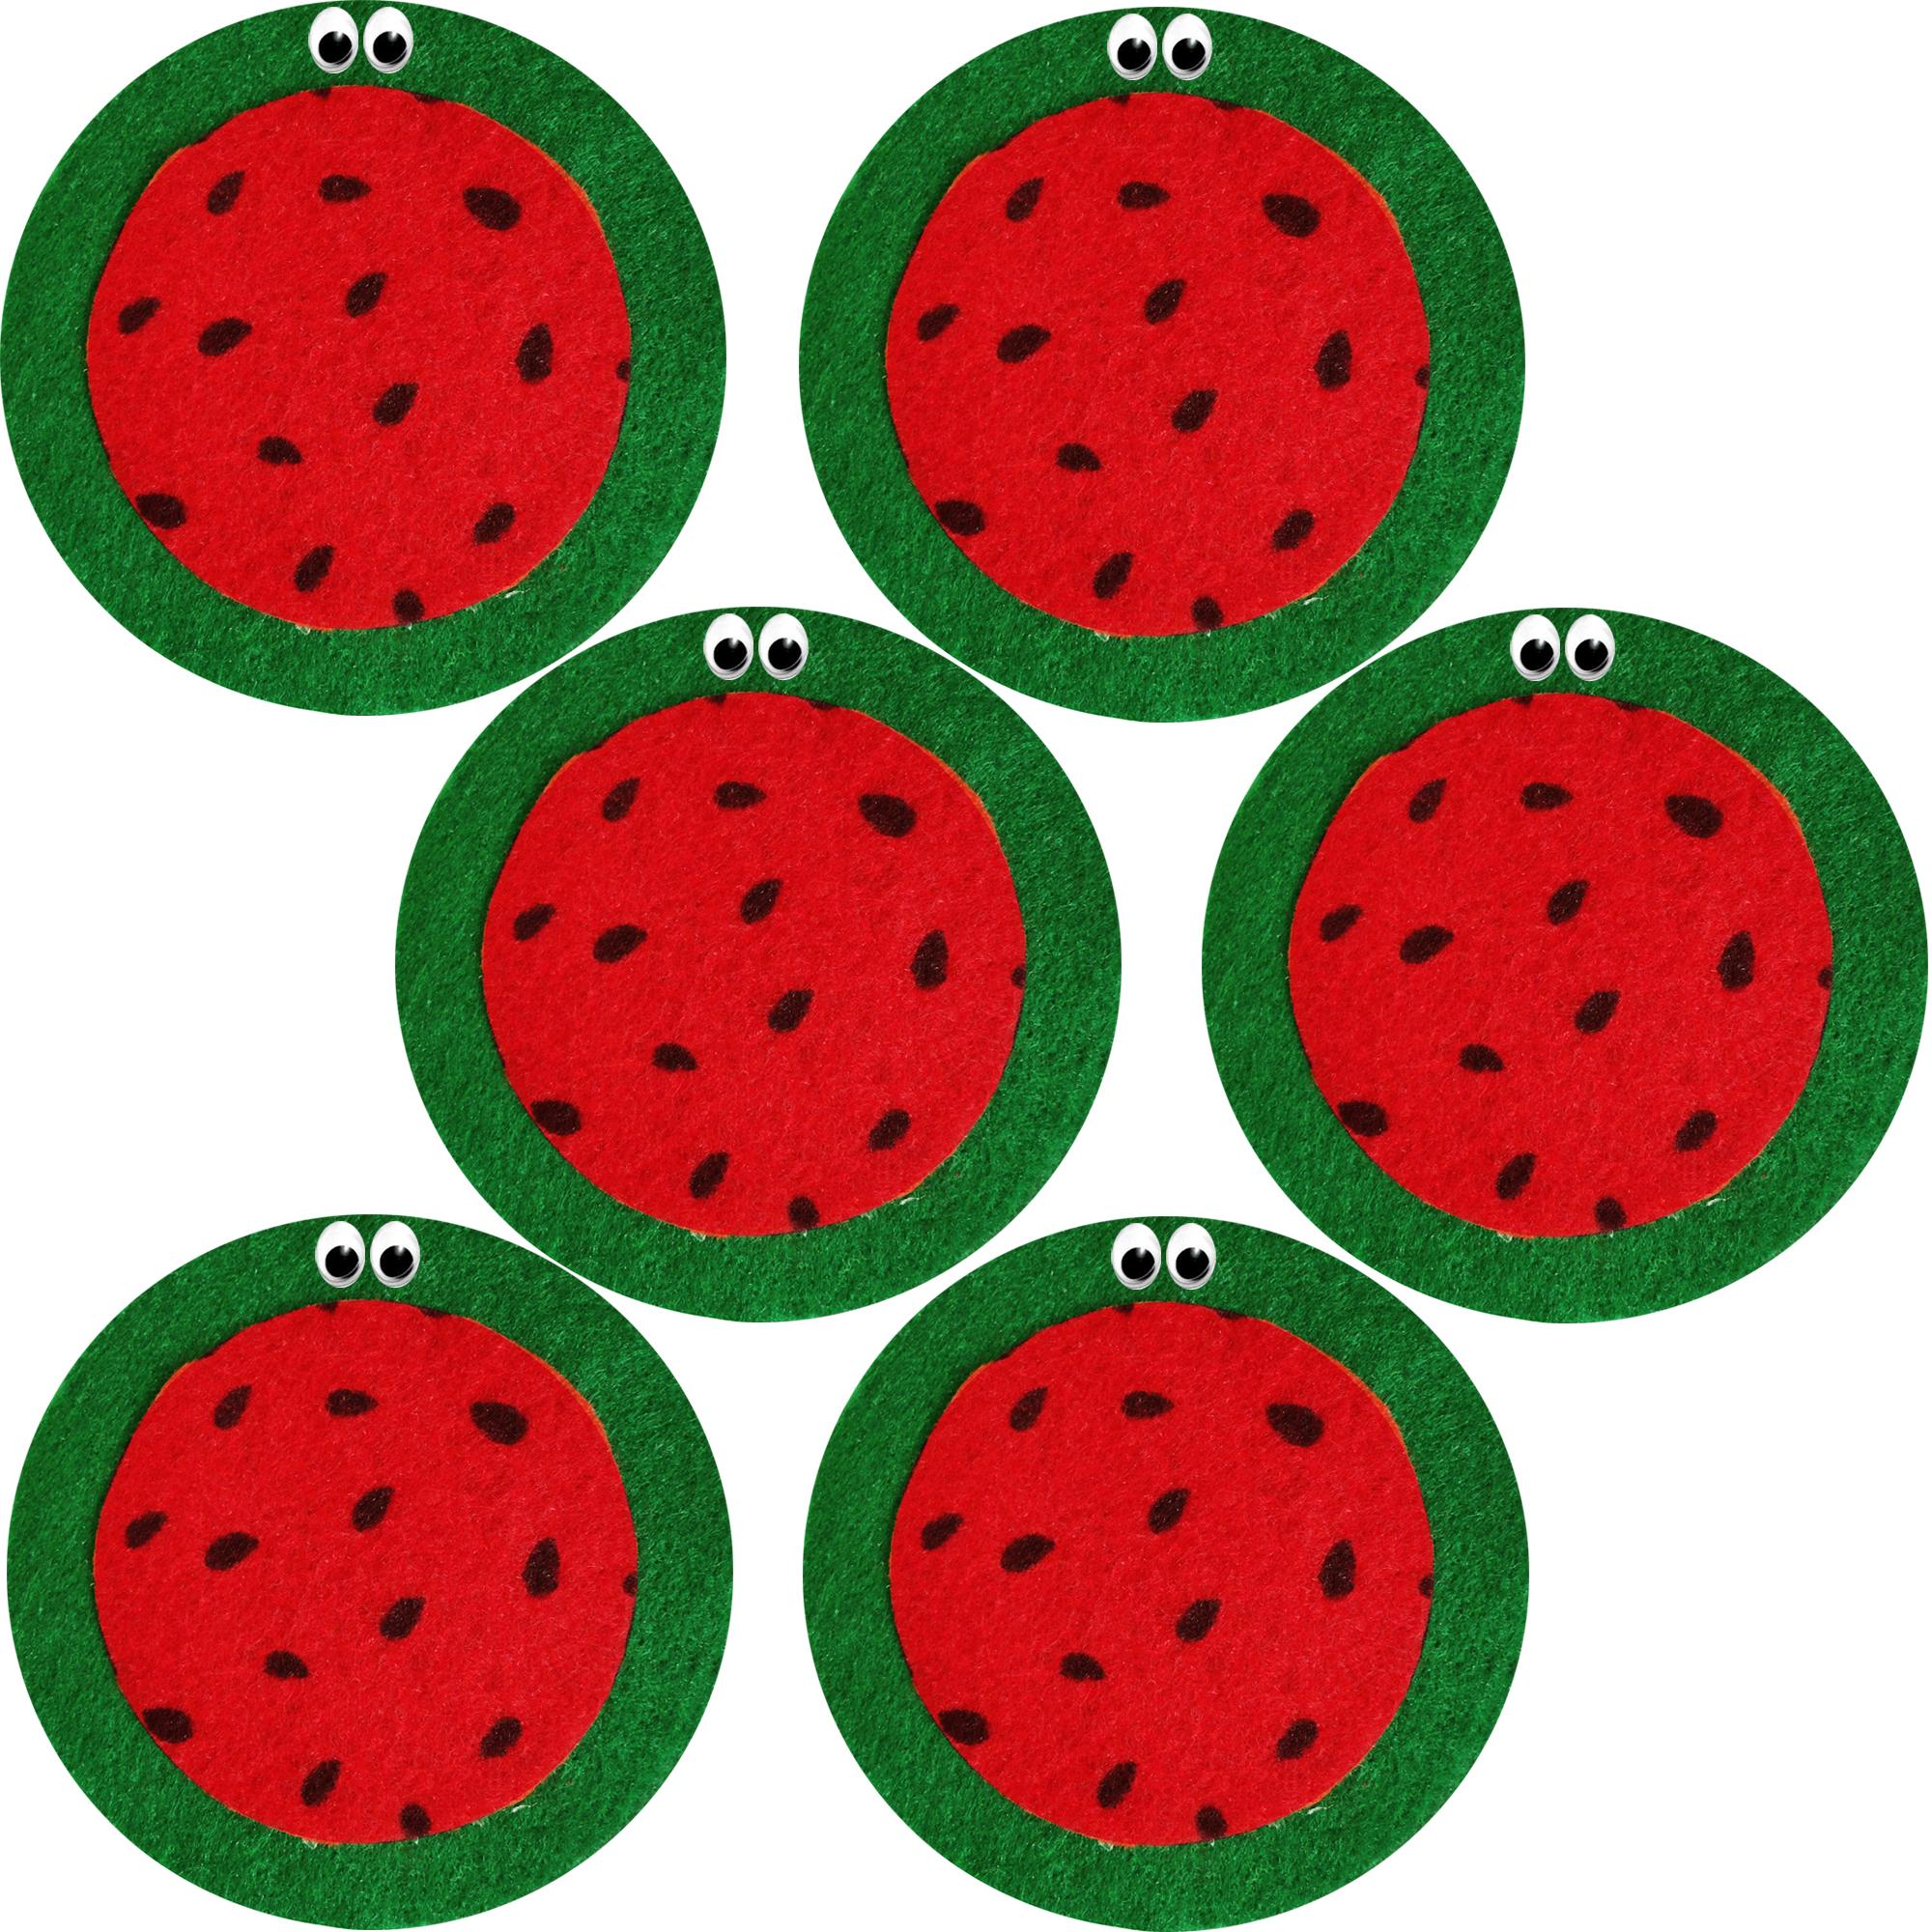 عکس زیر لیوانی طرح هندوانه کد 2301 بسته 6 عددی